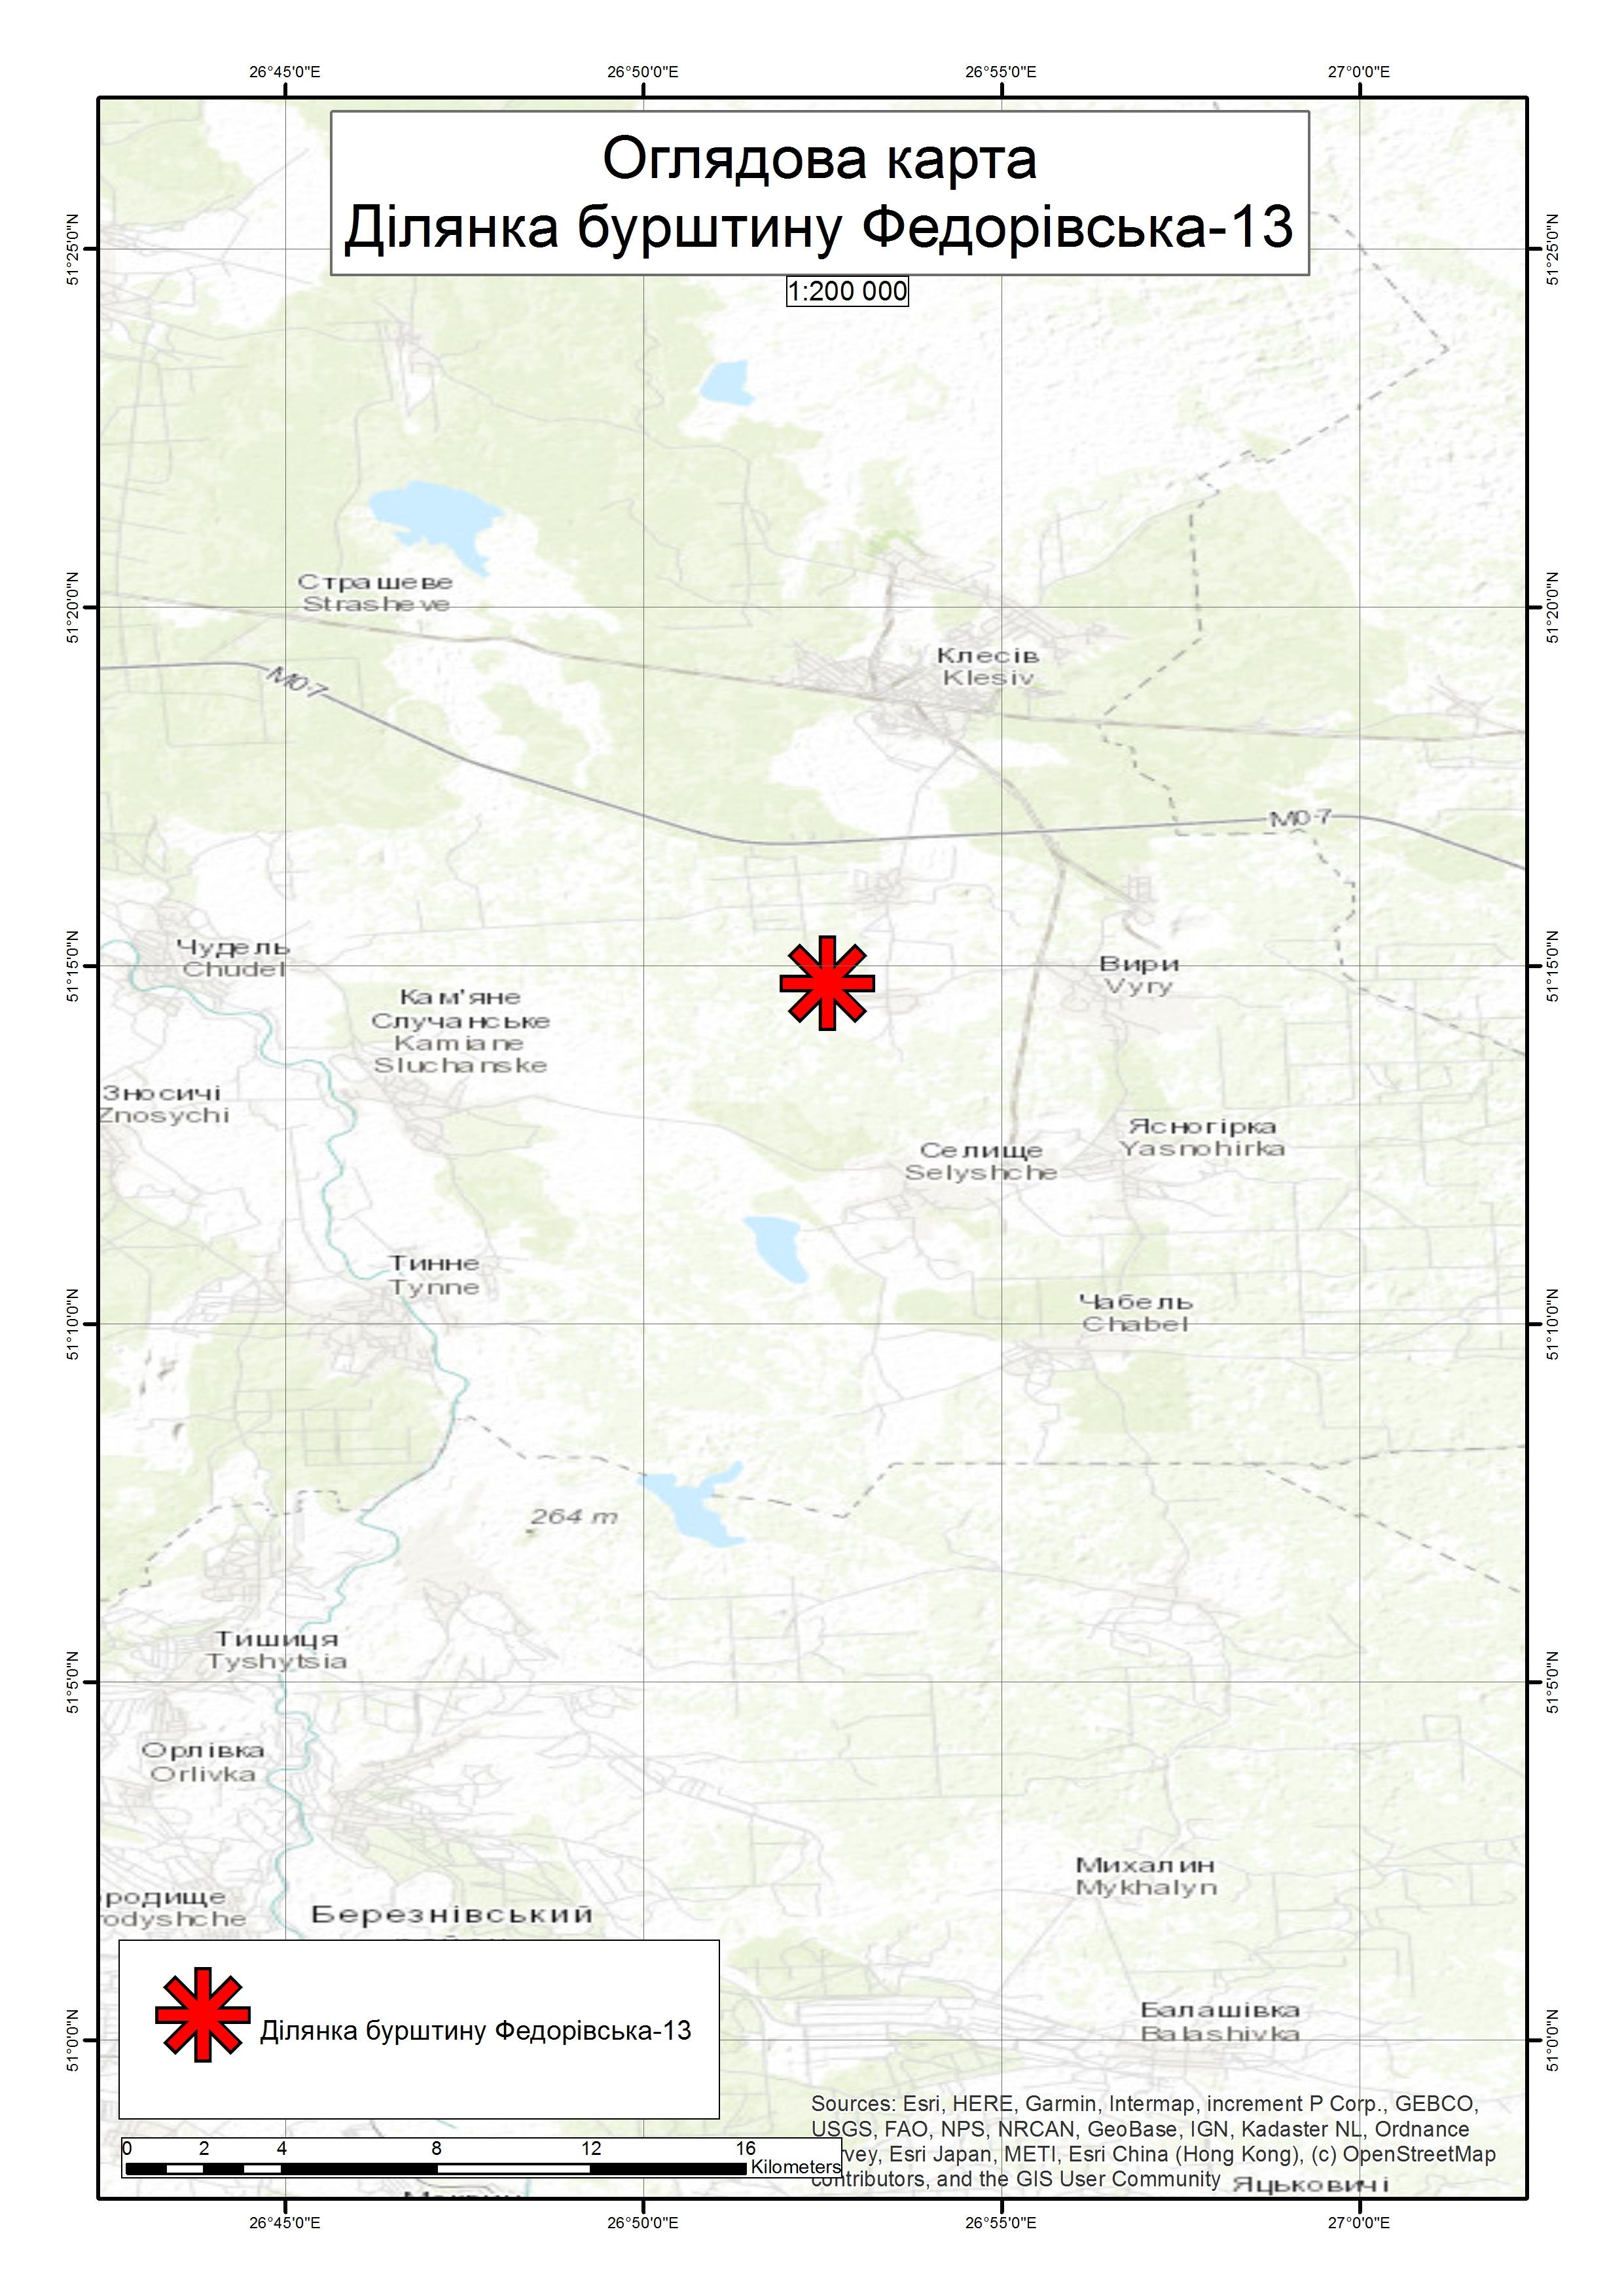 Спеціальний дозвіл на користування надрами – Ділянка Федорівська-13. Вартість геологічної інформації – 102 610,39 грн (з ПДВ). Вартість пакету аукціонної документації – 5 155,49 грн (з ПДВ).